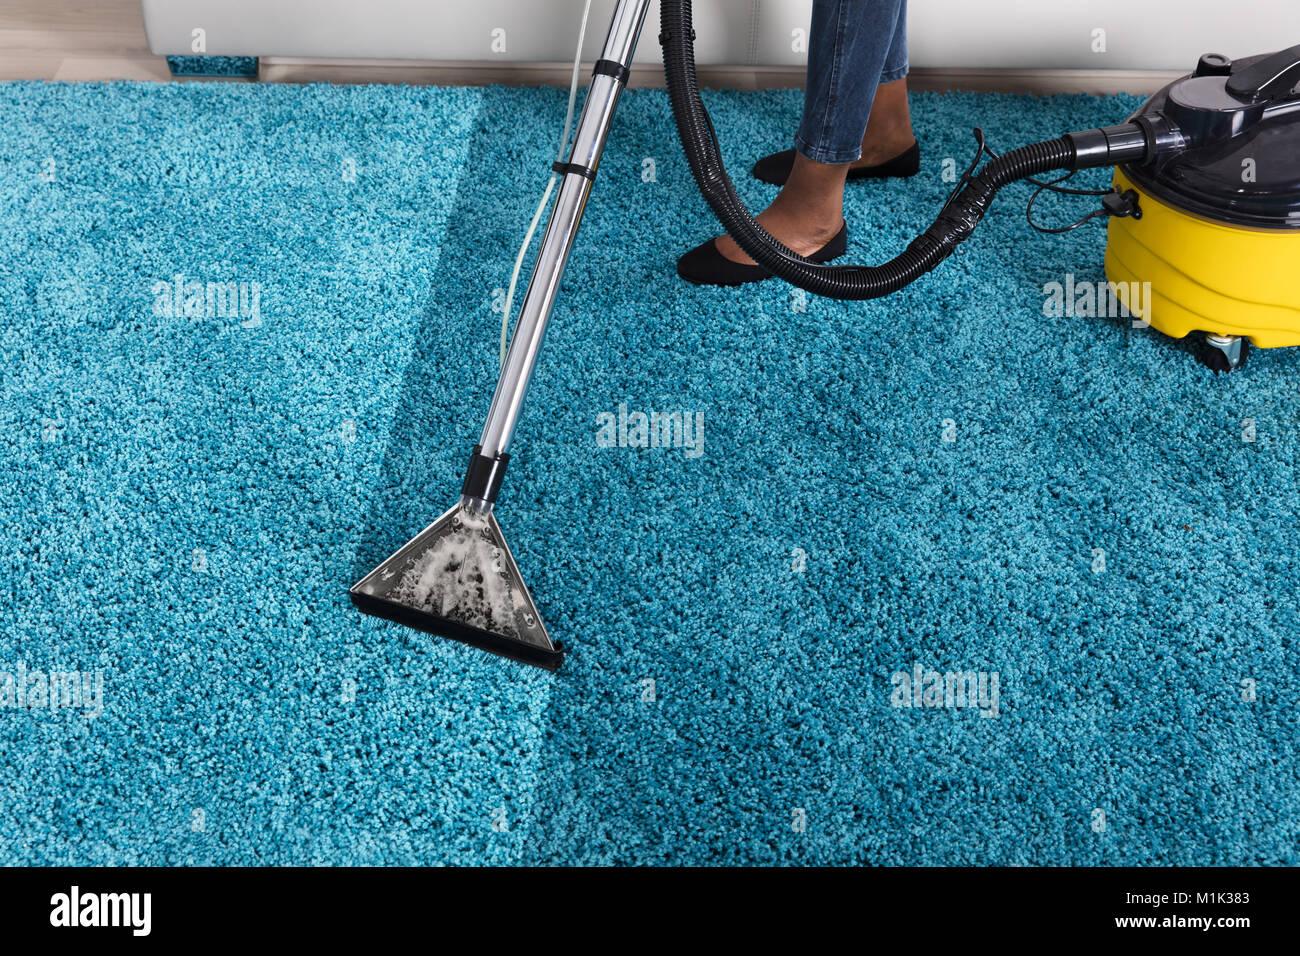 Limpiar alfombra en casa simple chemdry lavado de alfombras lavado de tapetes lavado de salas - Productos para limpiar alfombras en casa ...